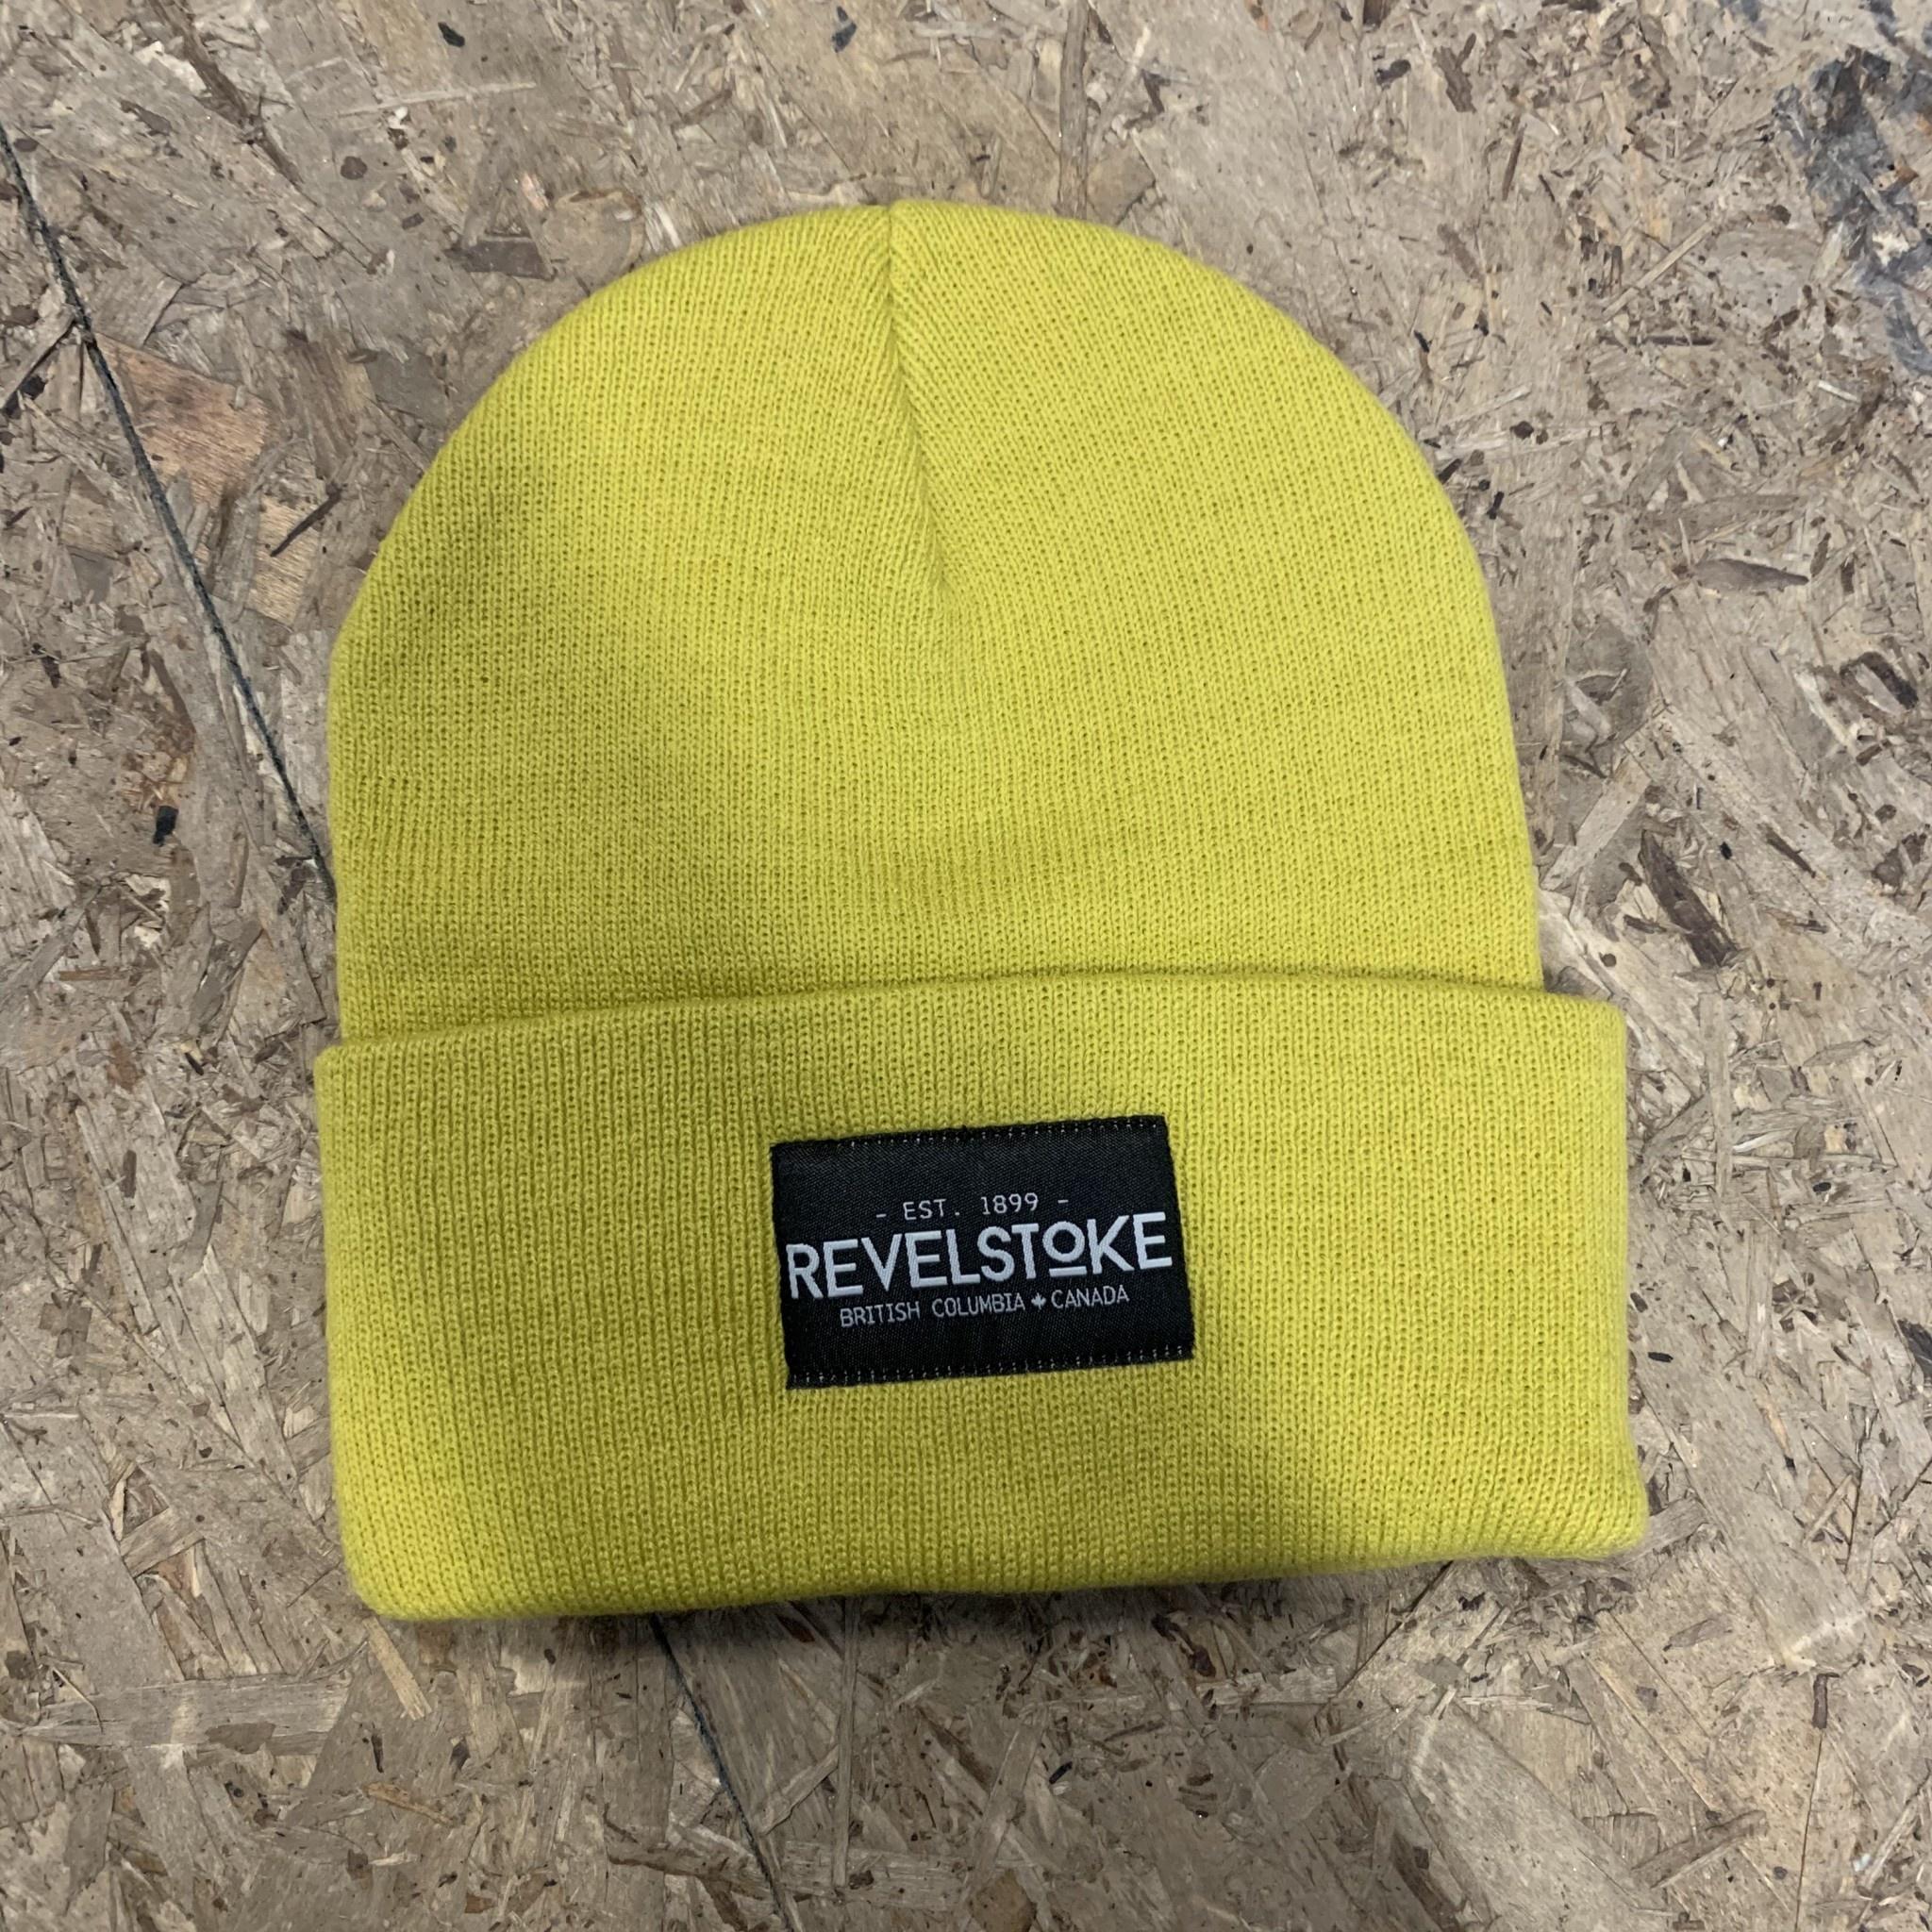 Revelstoke Trading Post Revelstoke - Trading Co. Toque - Mustard